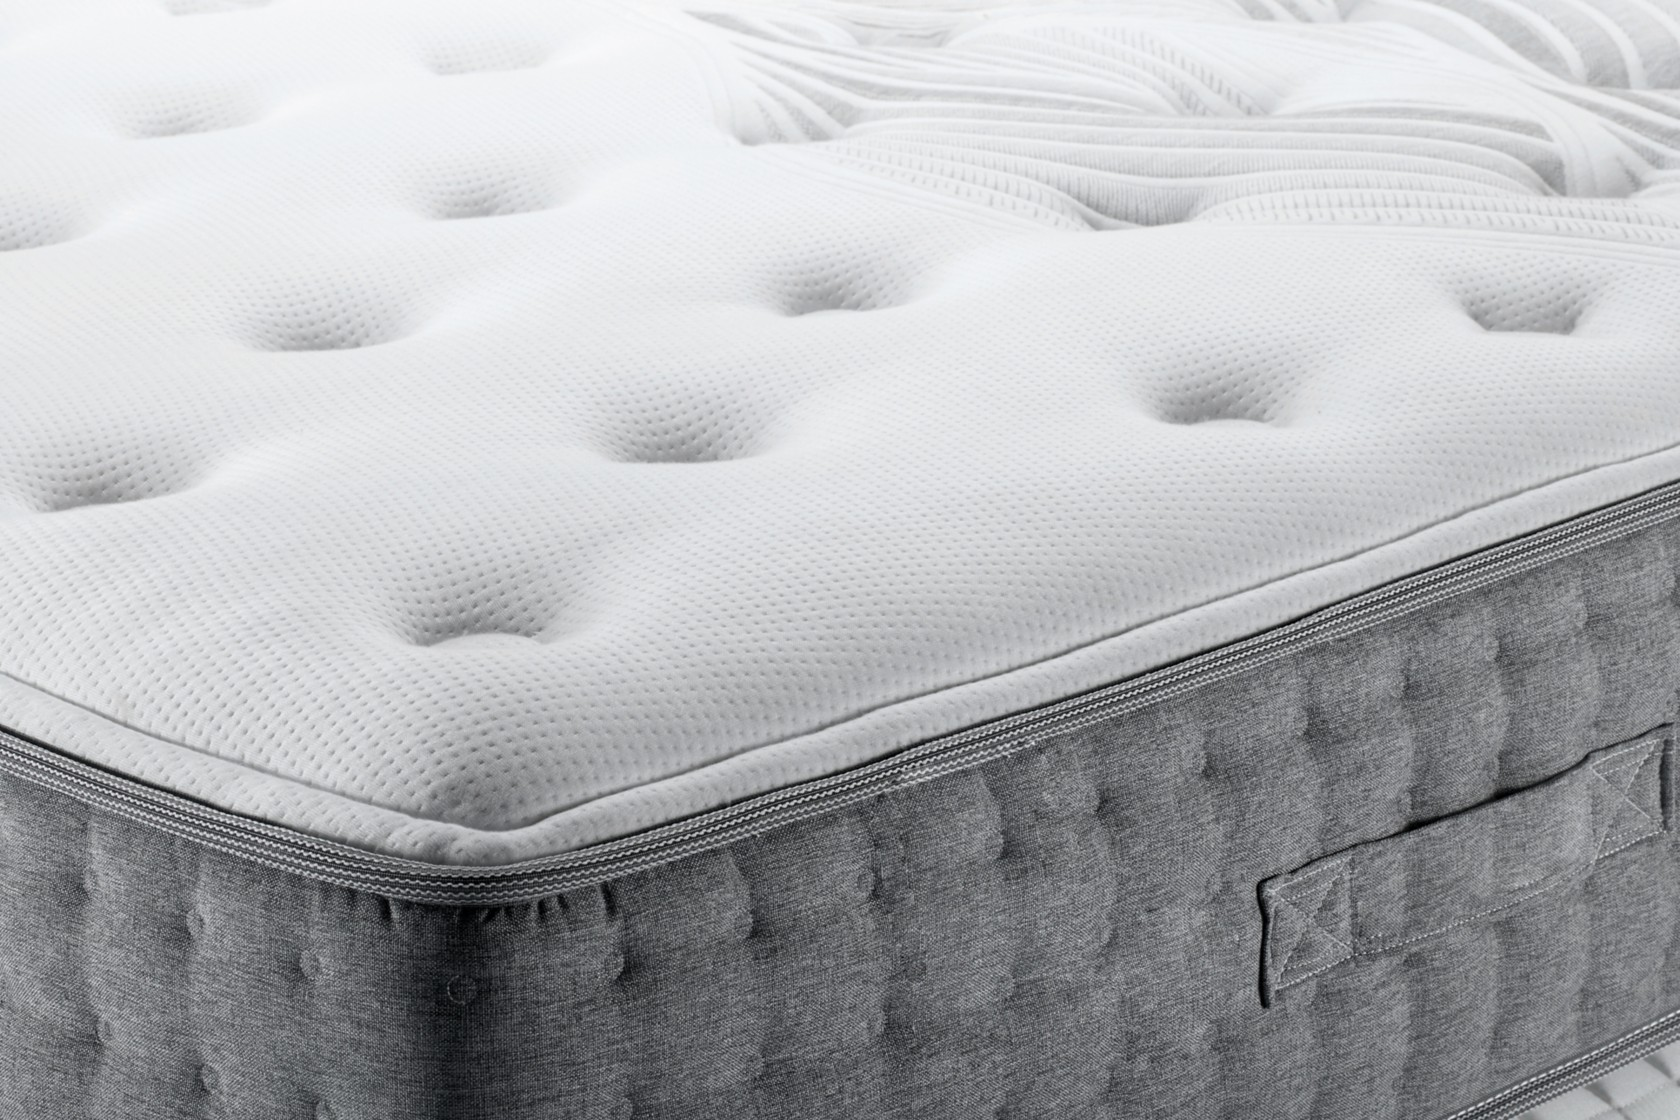 Matratzenbezug reinigen, ein grau-weißer Matratzenbezug mit Reißverschluss